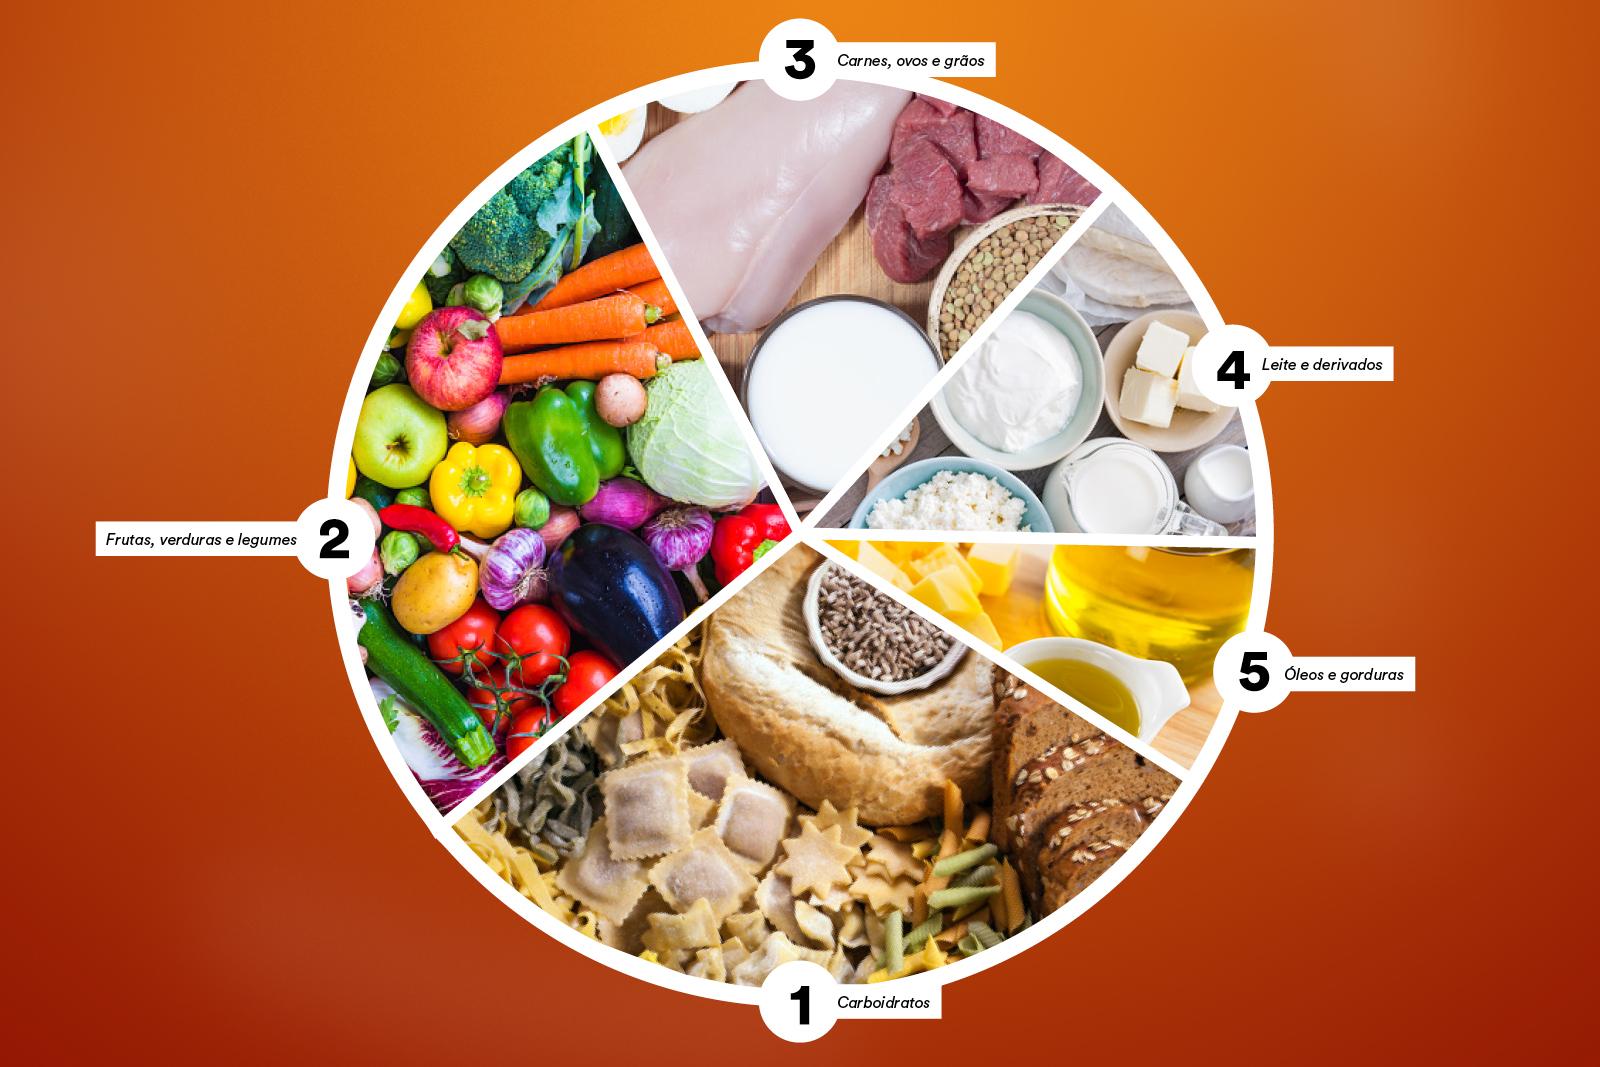 Relembre os grupos alimentares e a importância de cada um em seu dia a dia